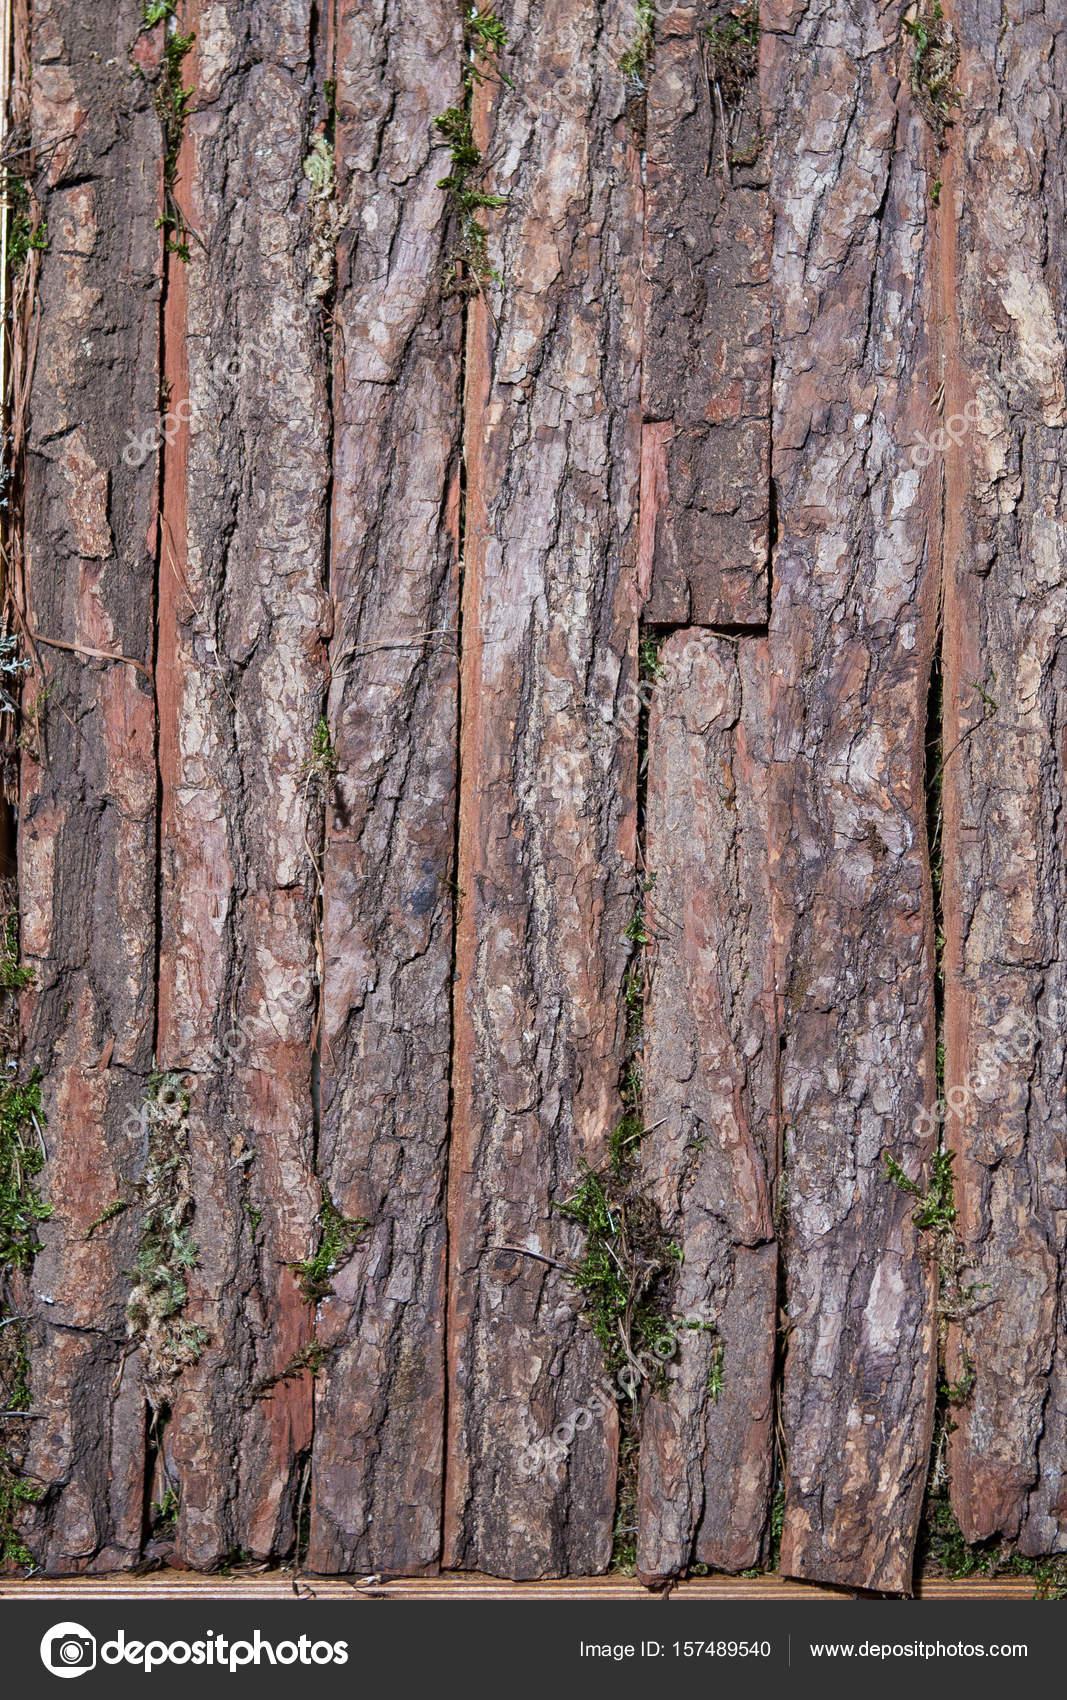 Teakbaum rinde  alte Holz Baum Texture Hintergrundmuster — Stockfoto © veloliza ...